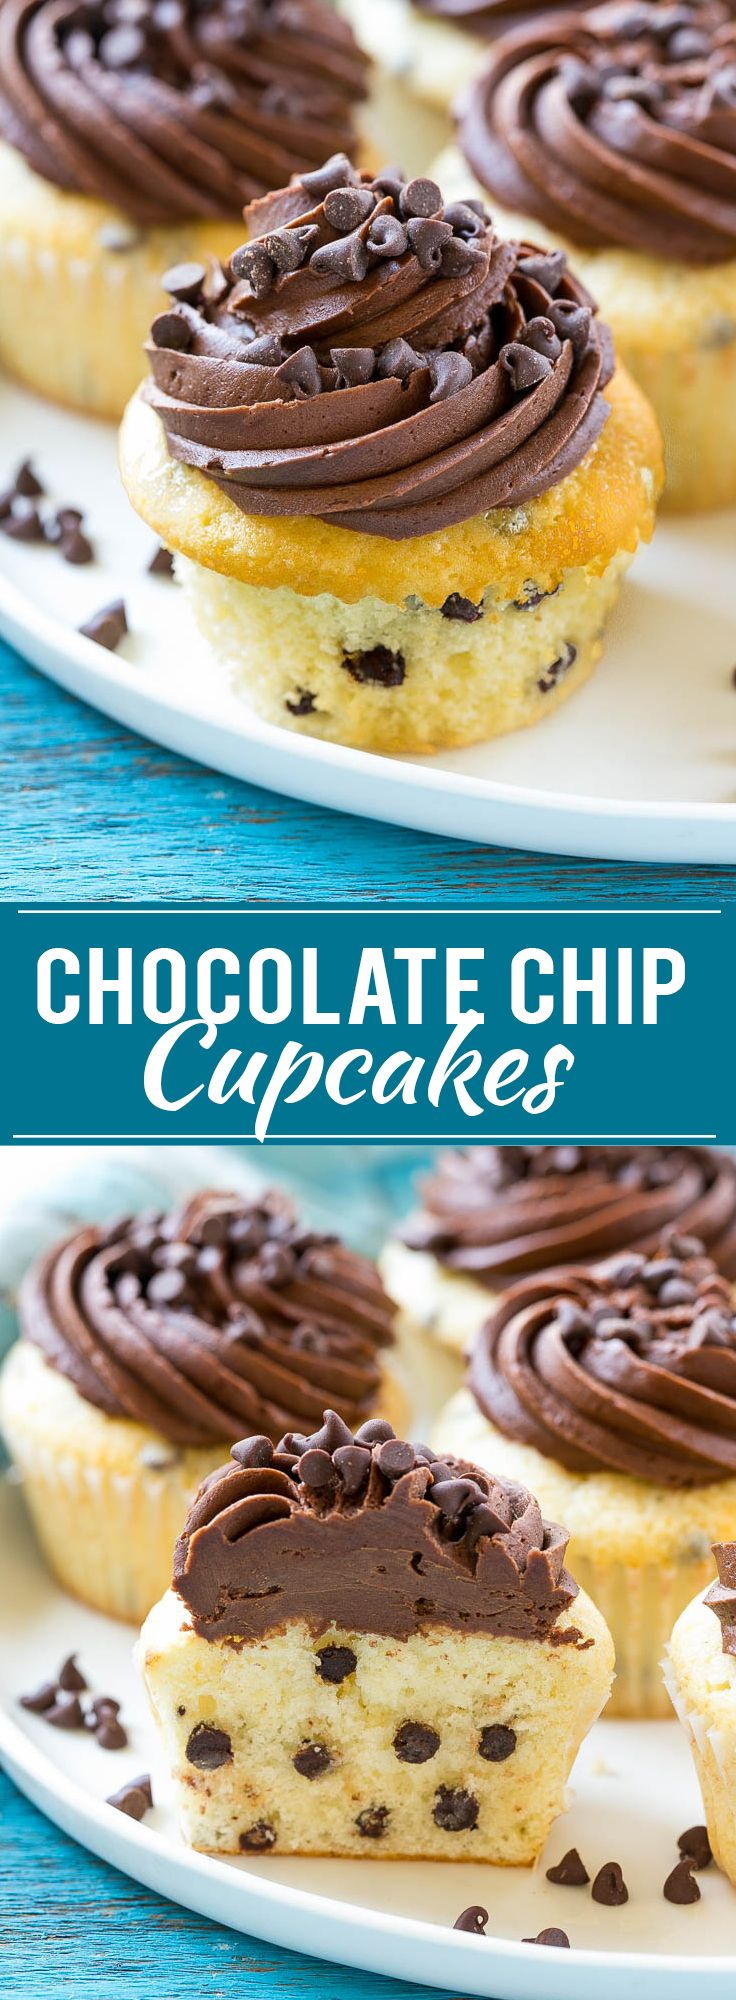 Chocolate Chip Cupcakes Recipe | Cupcake Recipe | Chocolate Chips | Chocolate Frosting | Easy Cupcake Recipe